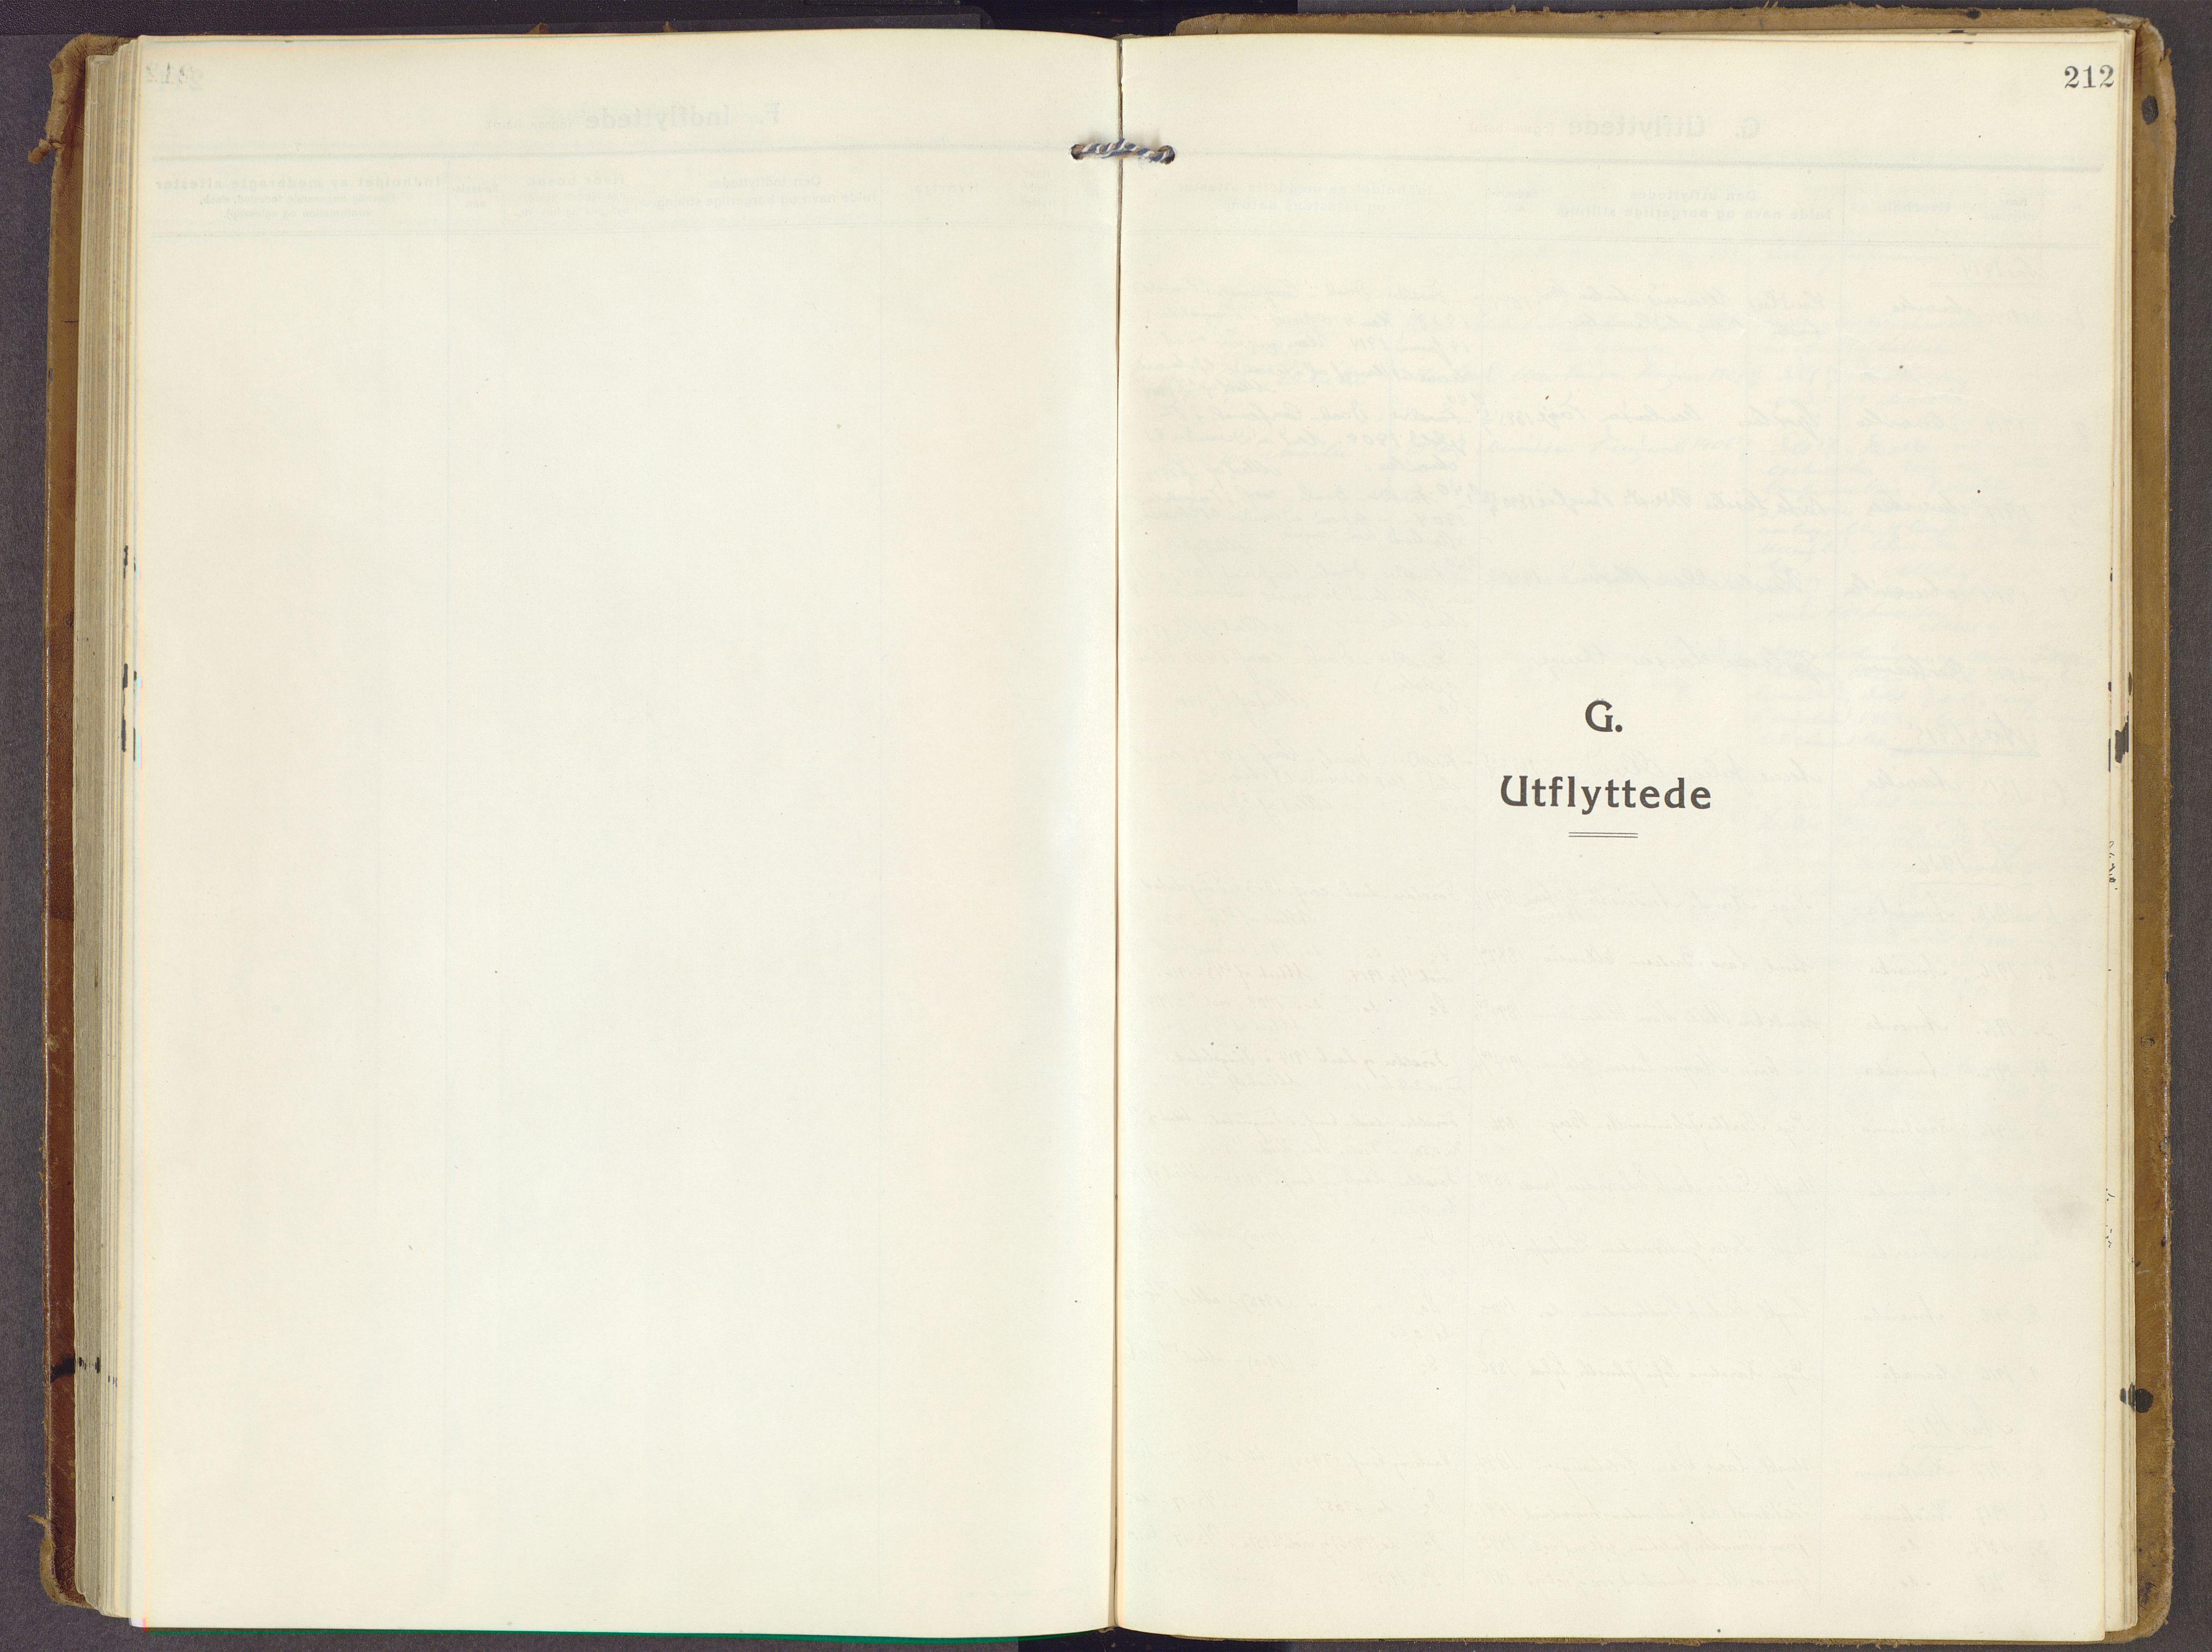 SAH, Brandbu prestekontor, Ministerialbok nr. 3, 1914-1928, s. 212